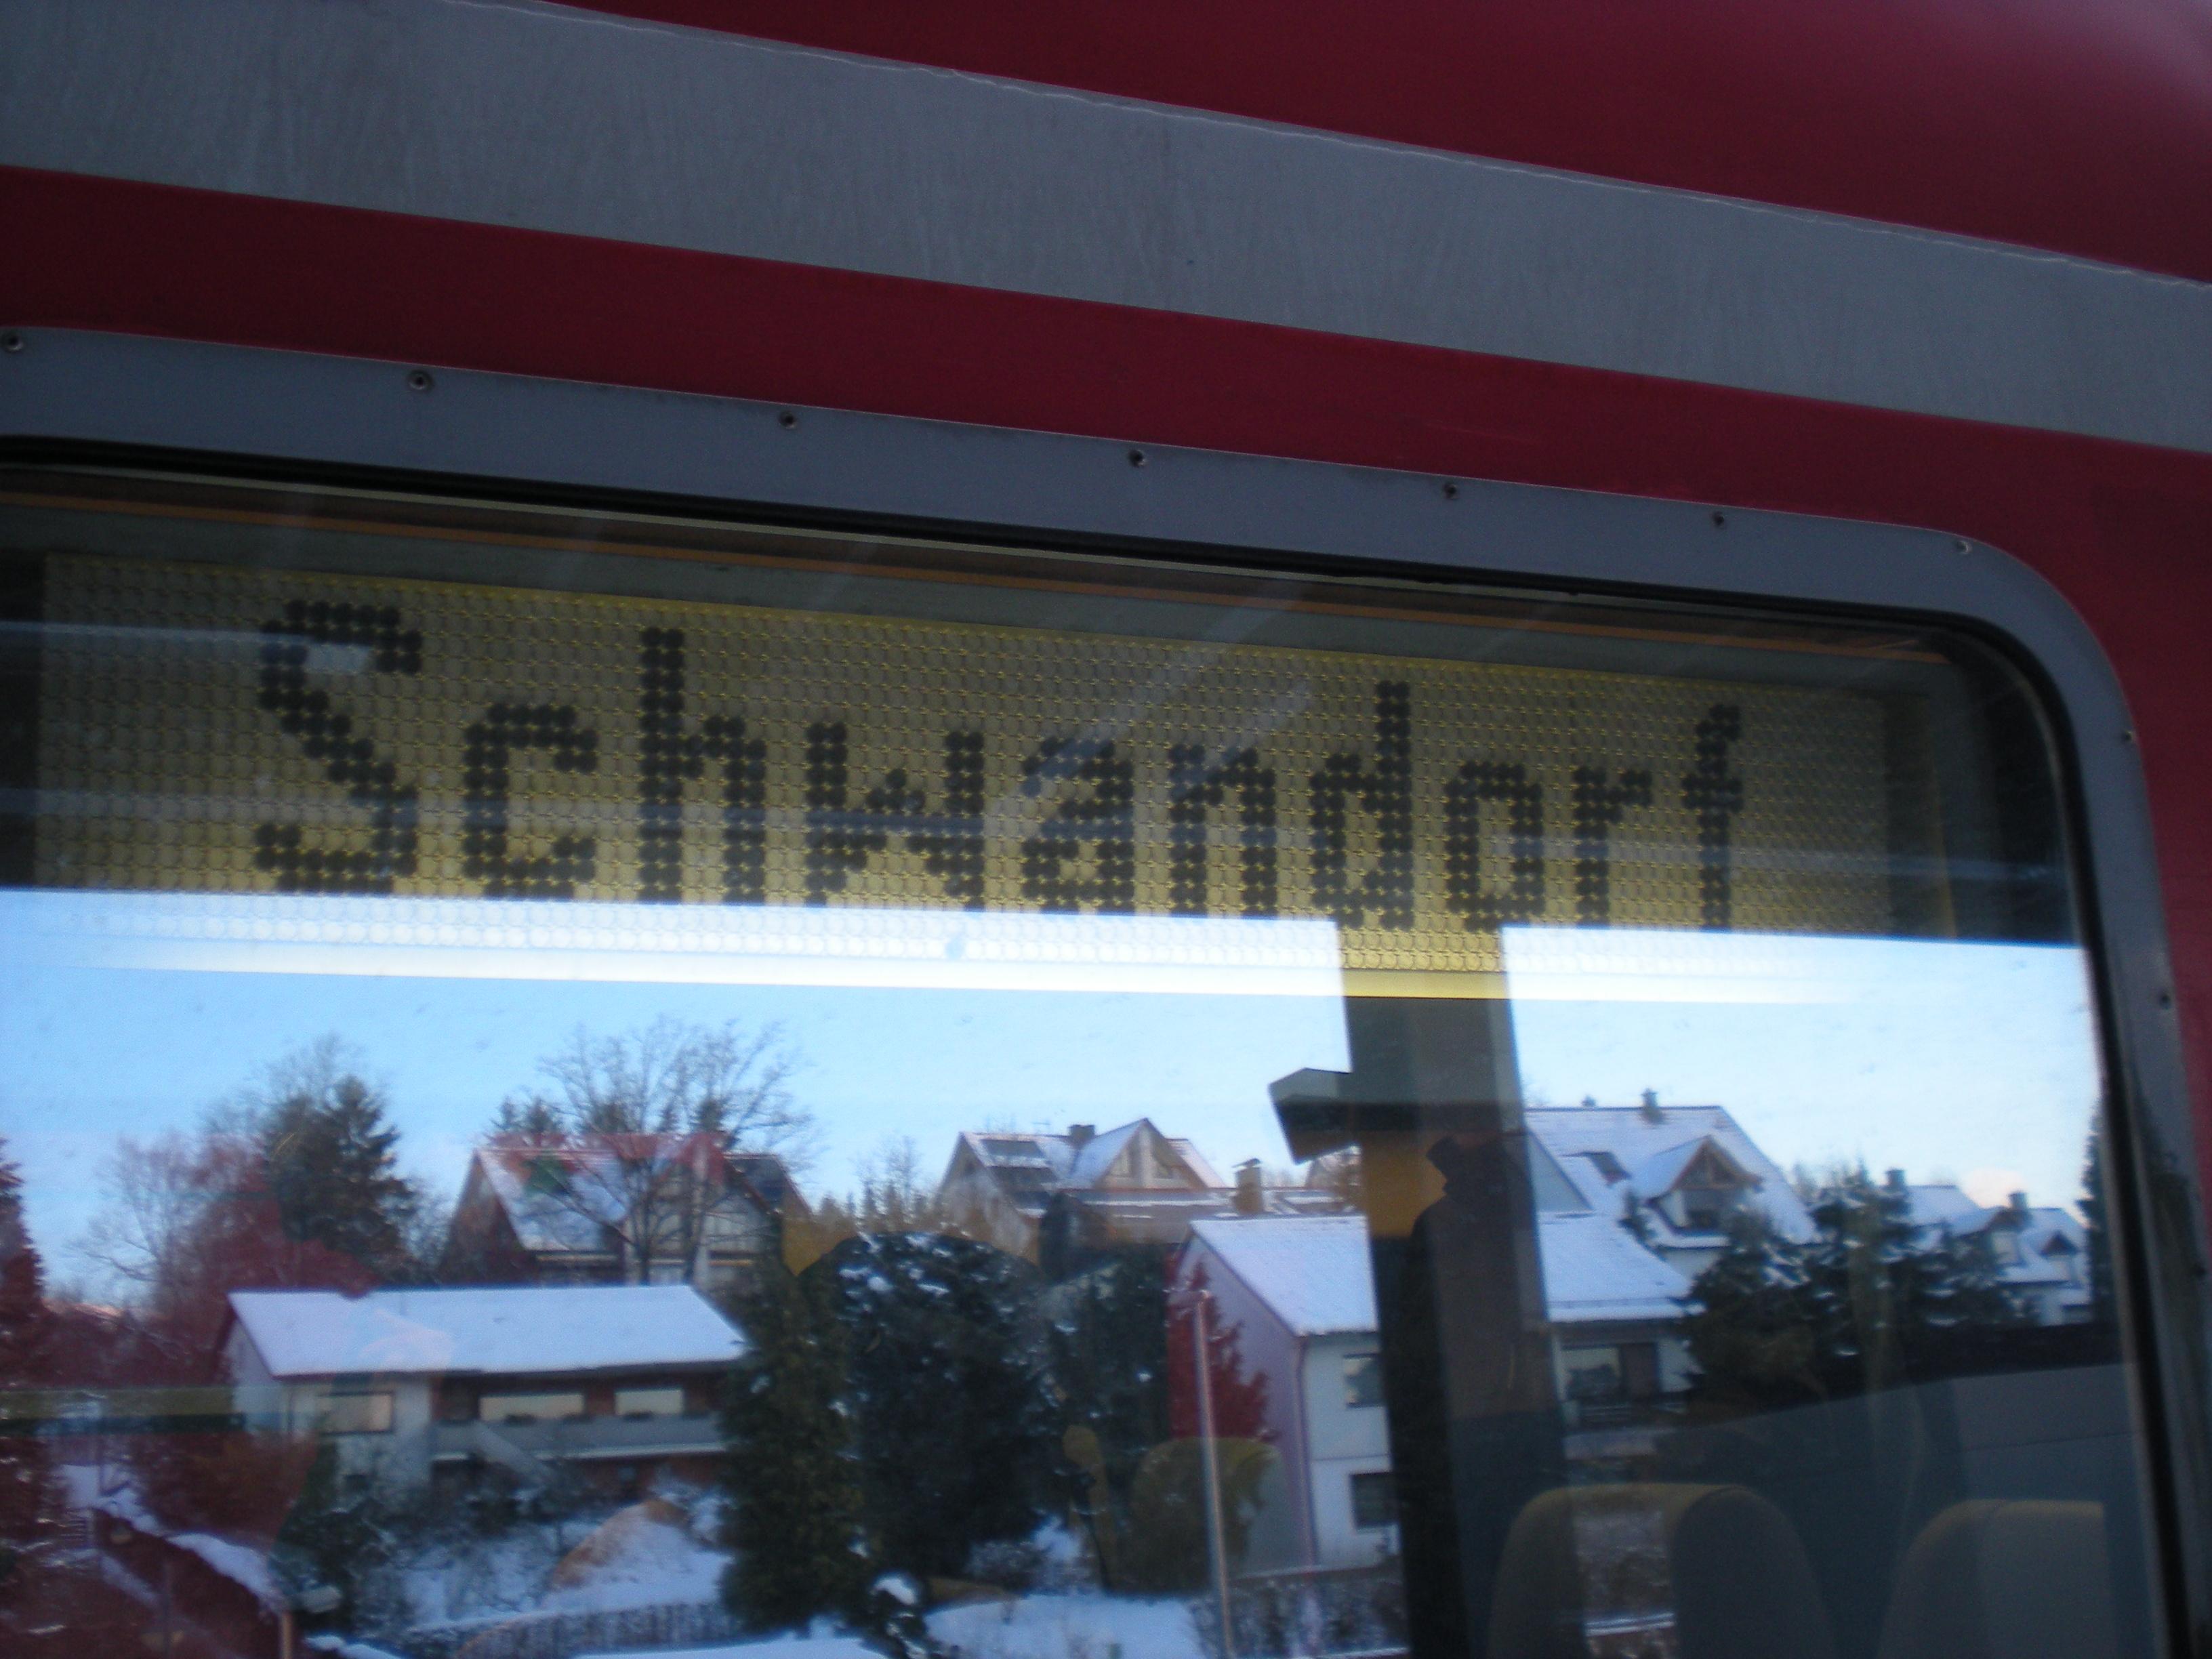 Zielanzeige 614: Schwandorf [RE]